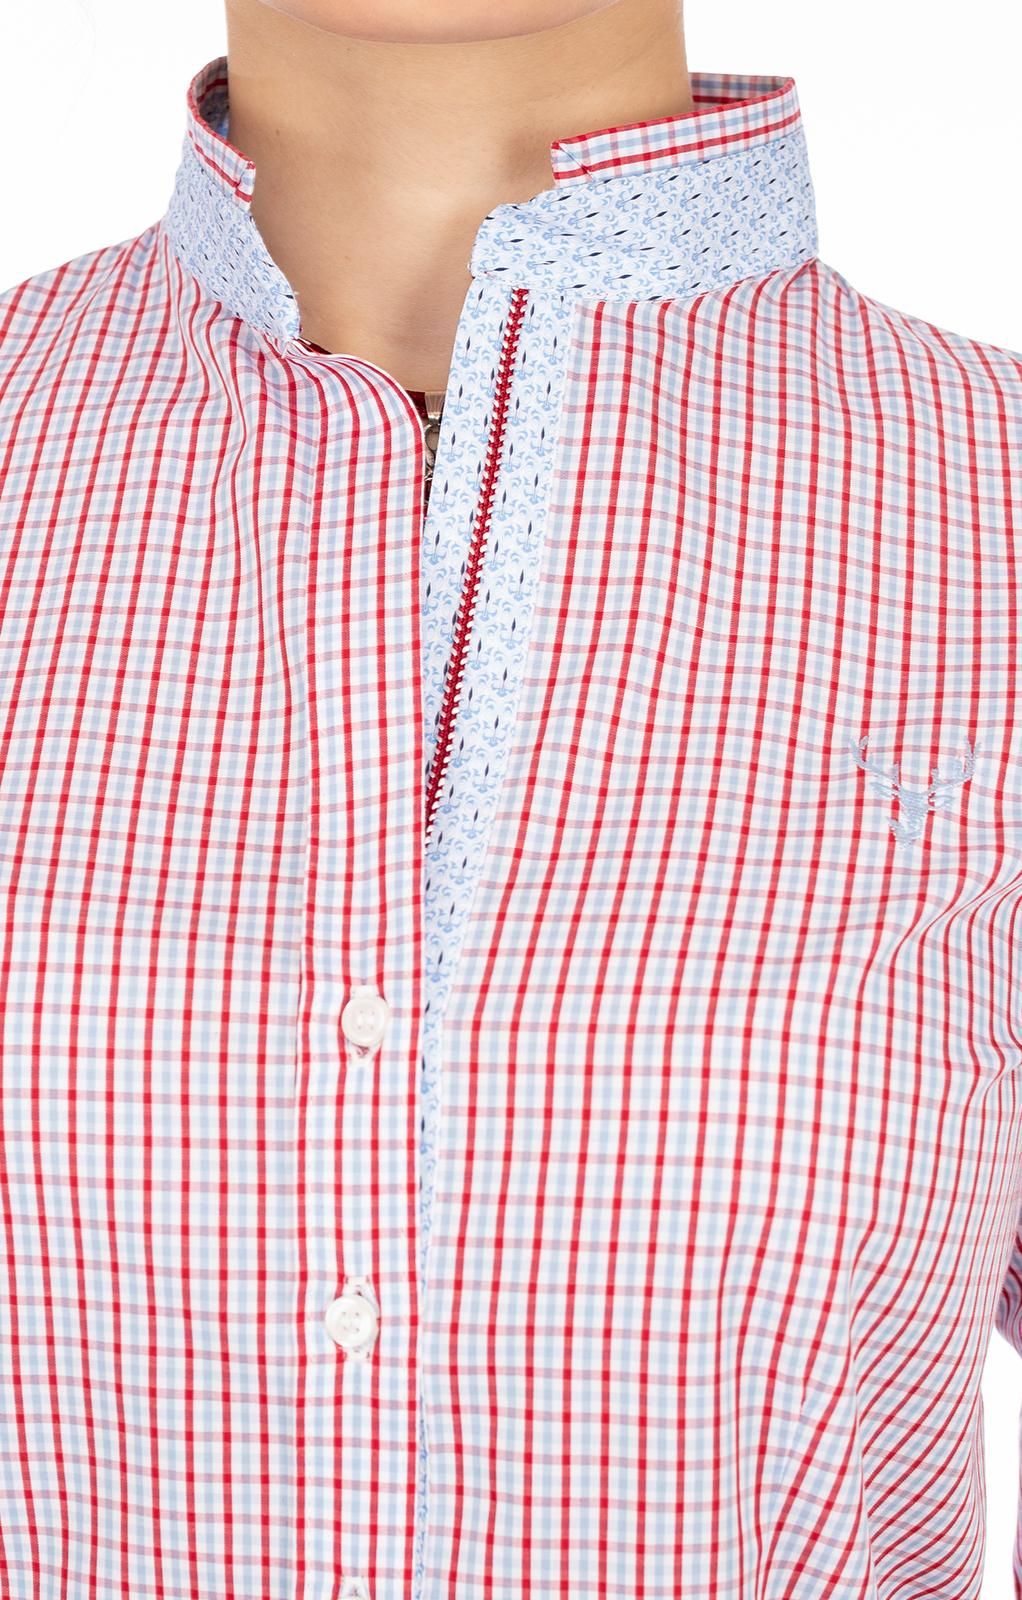 weitere Bilder von Bluse ERIKA rot blau